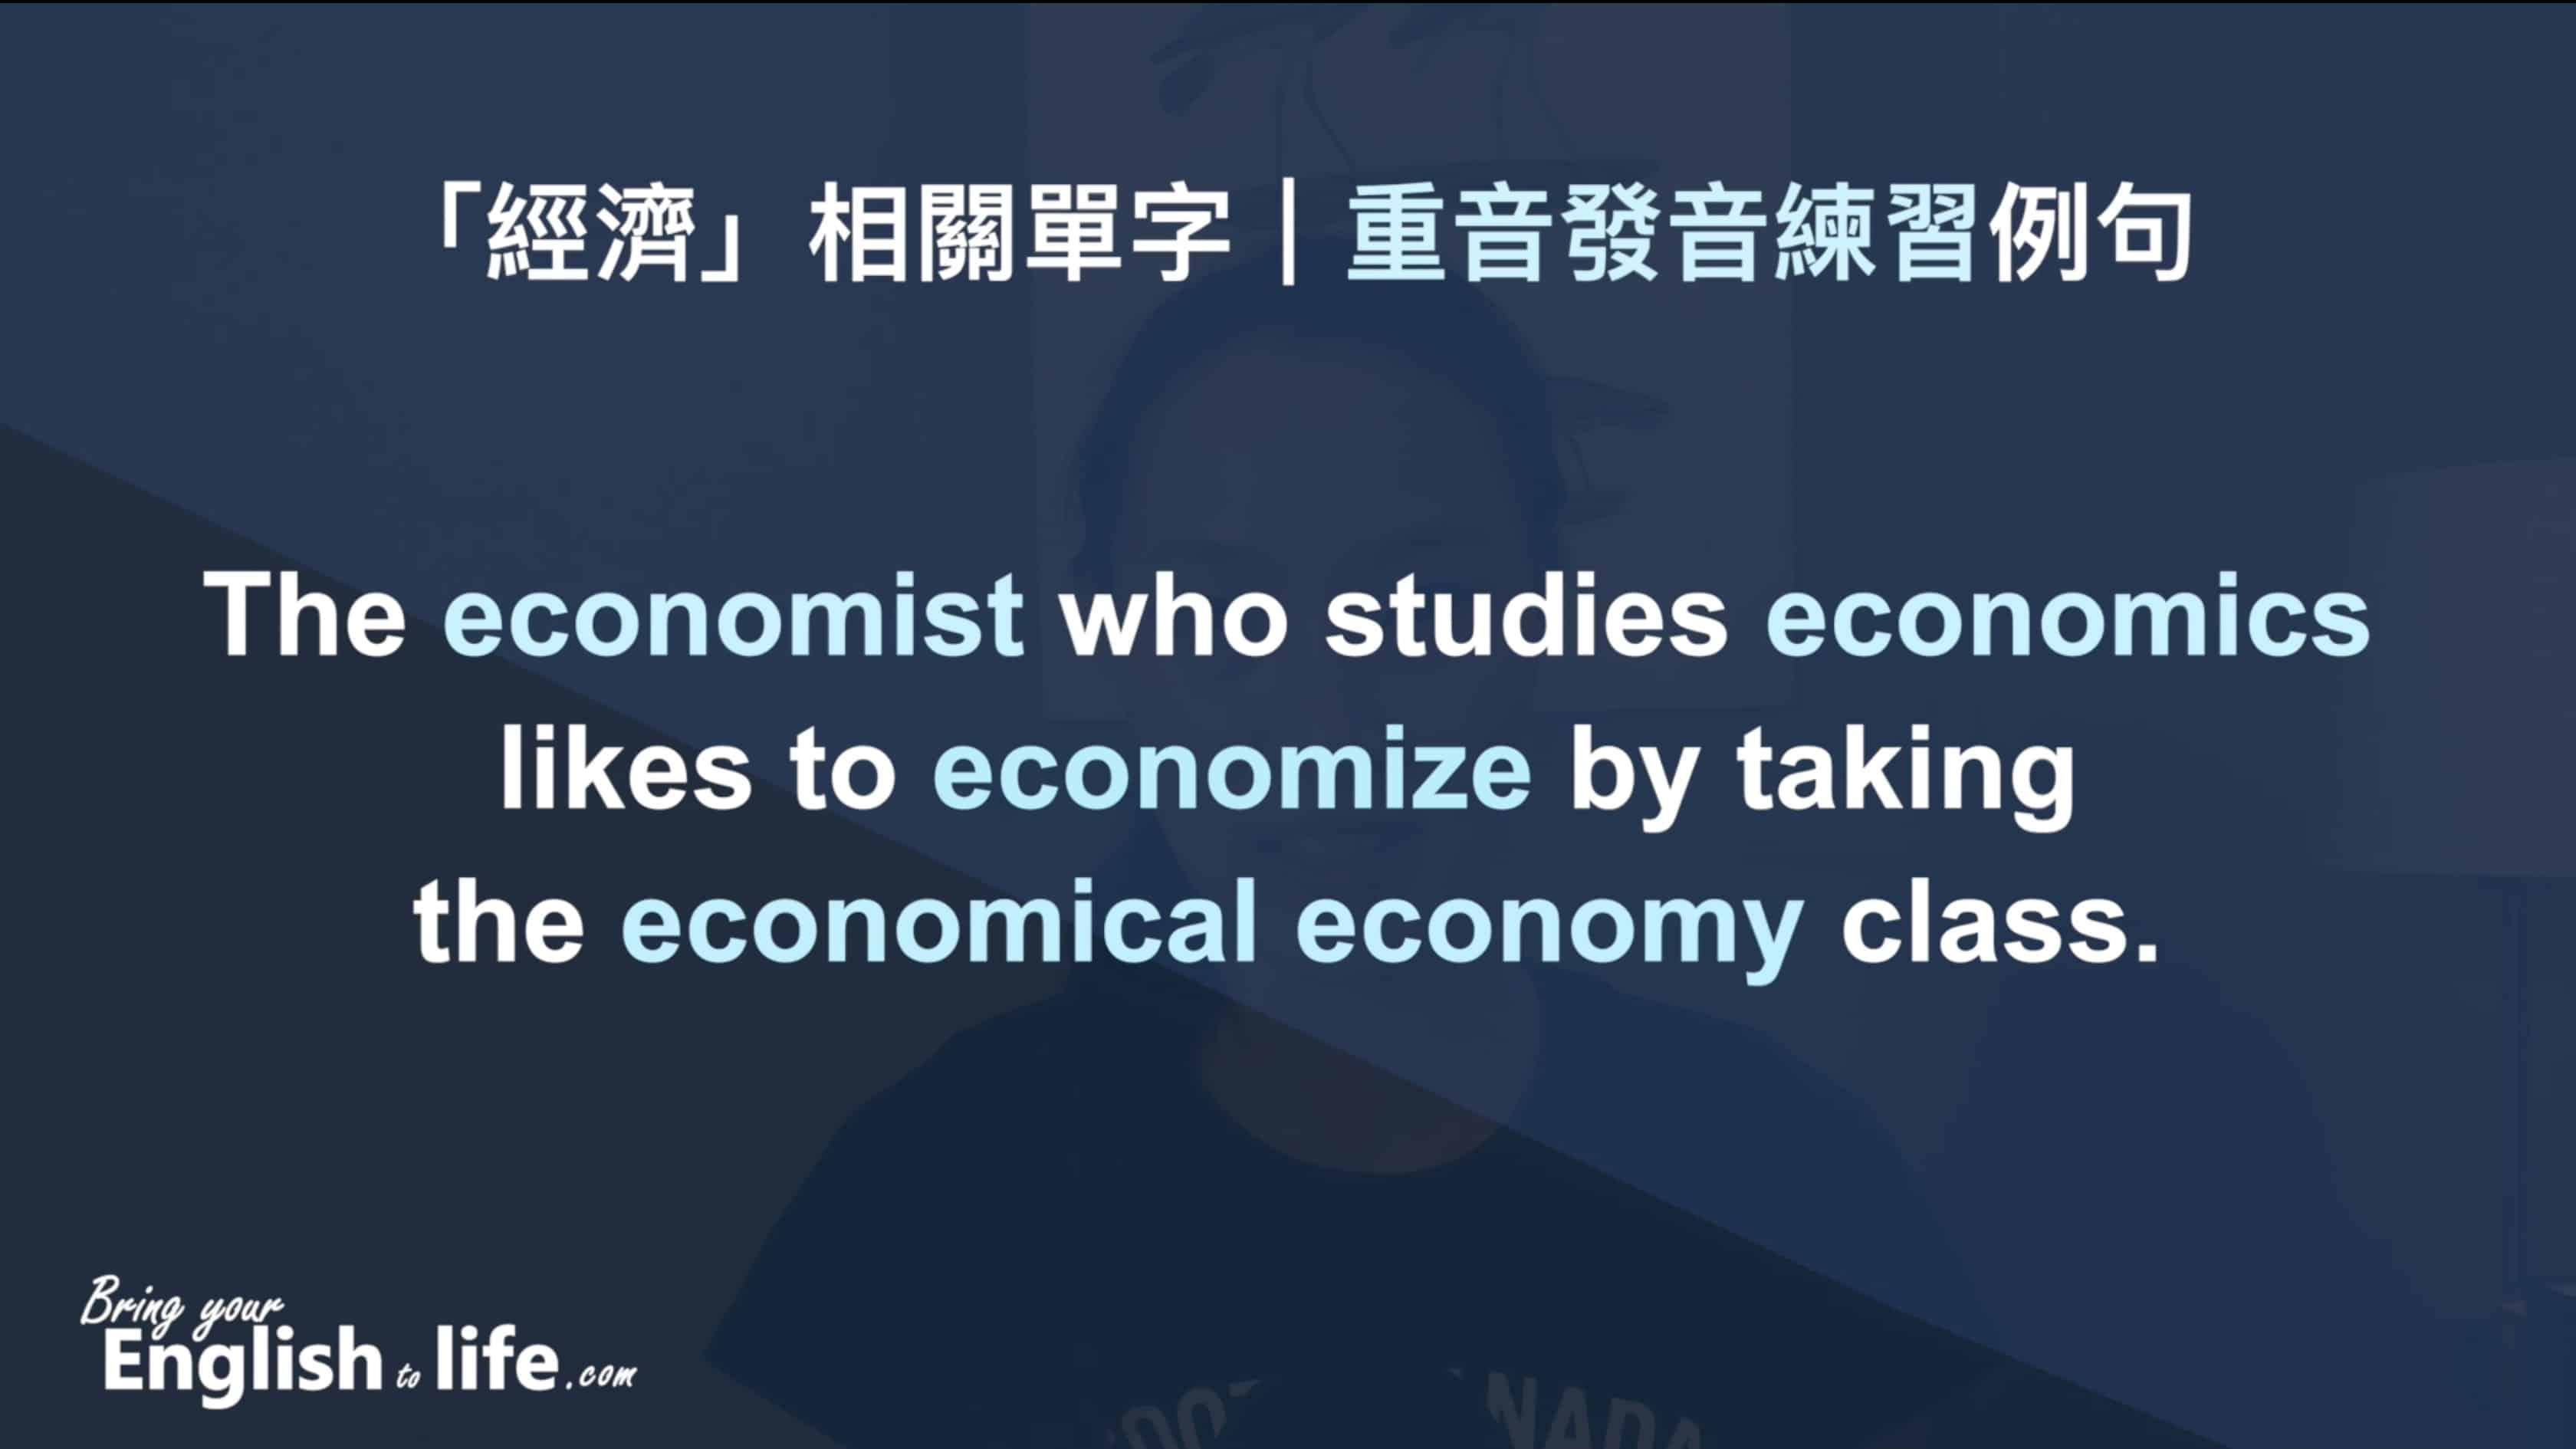 從「經濟」看英文重音規則|詞性還是音節數 |活化英文